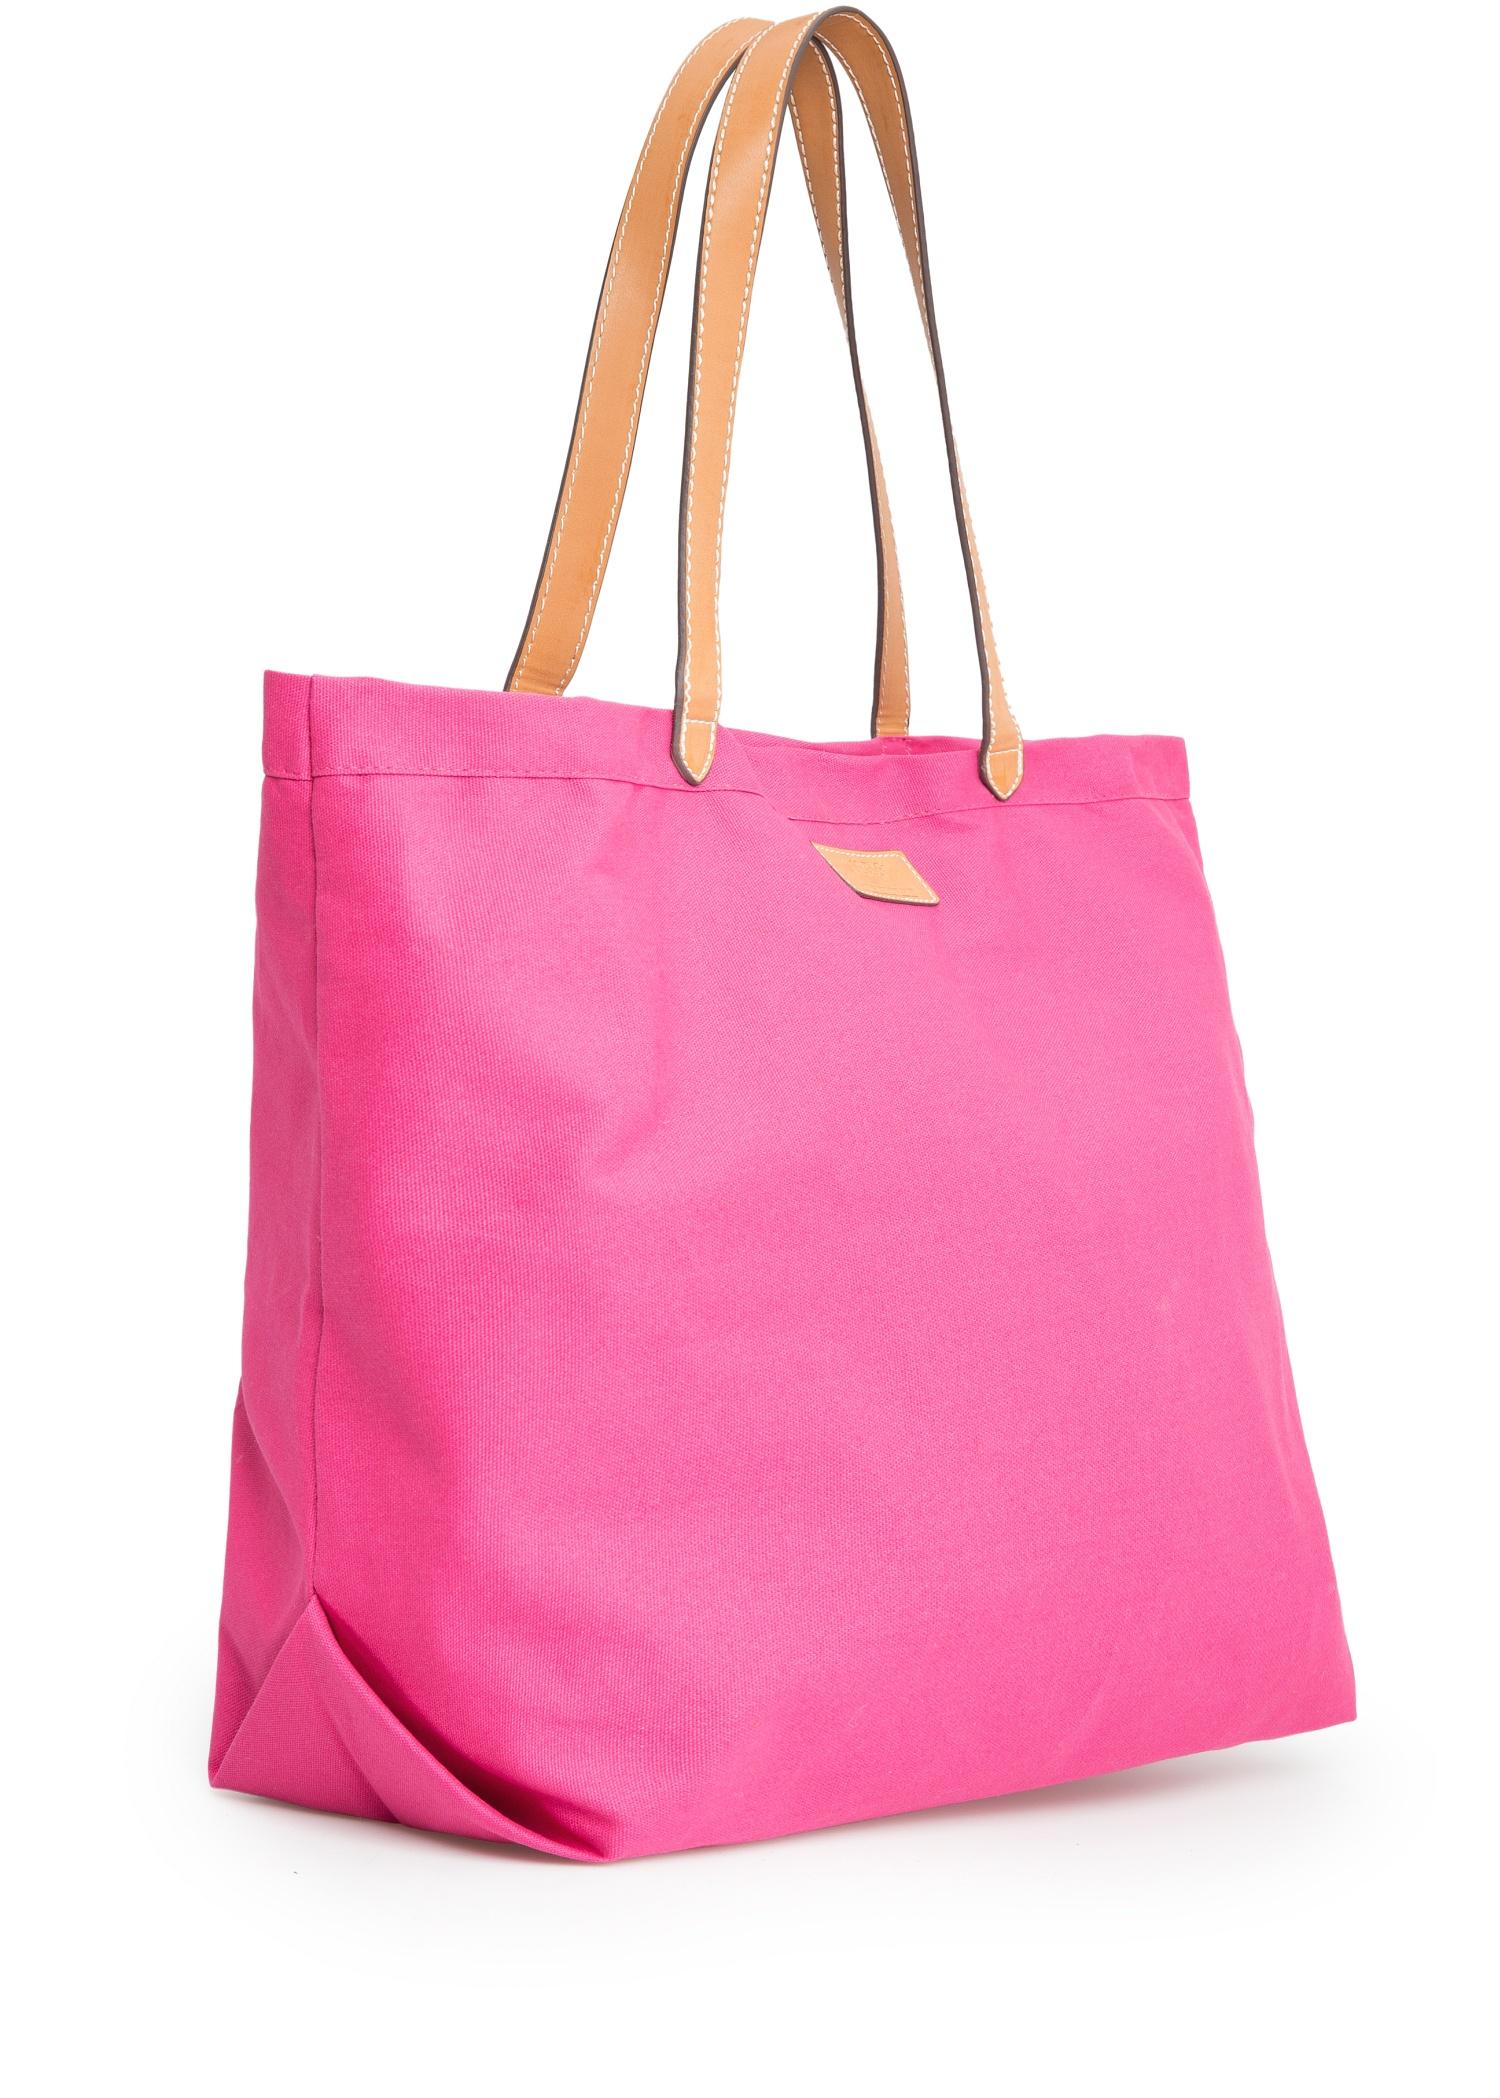 Mango Canvas Shopper Bag in Pink | Lyst